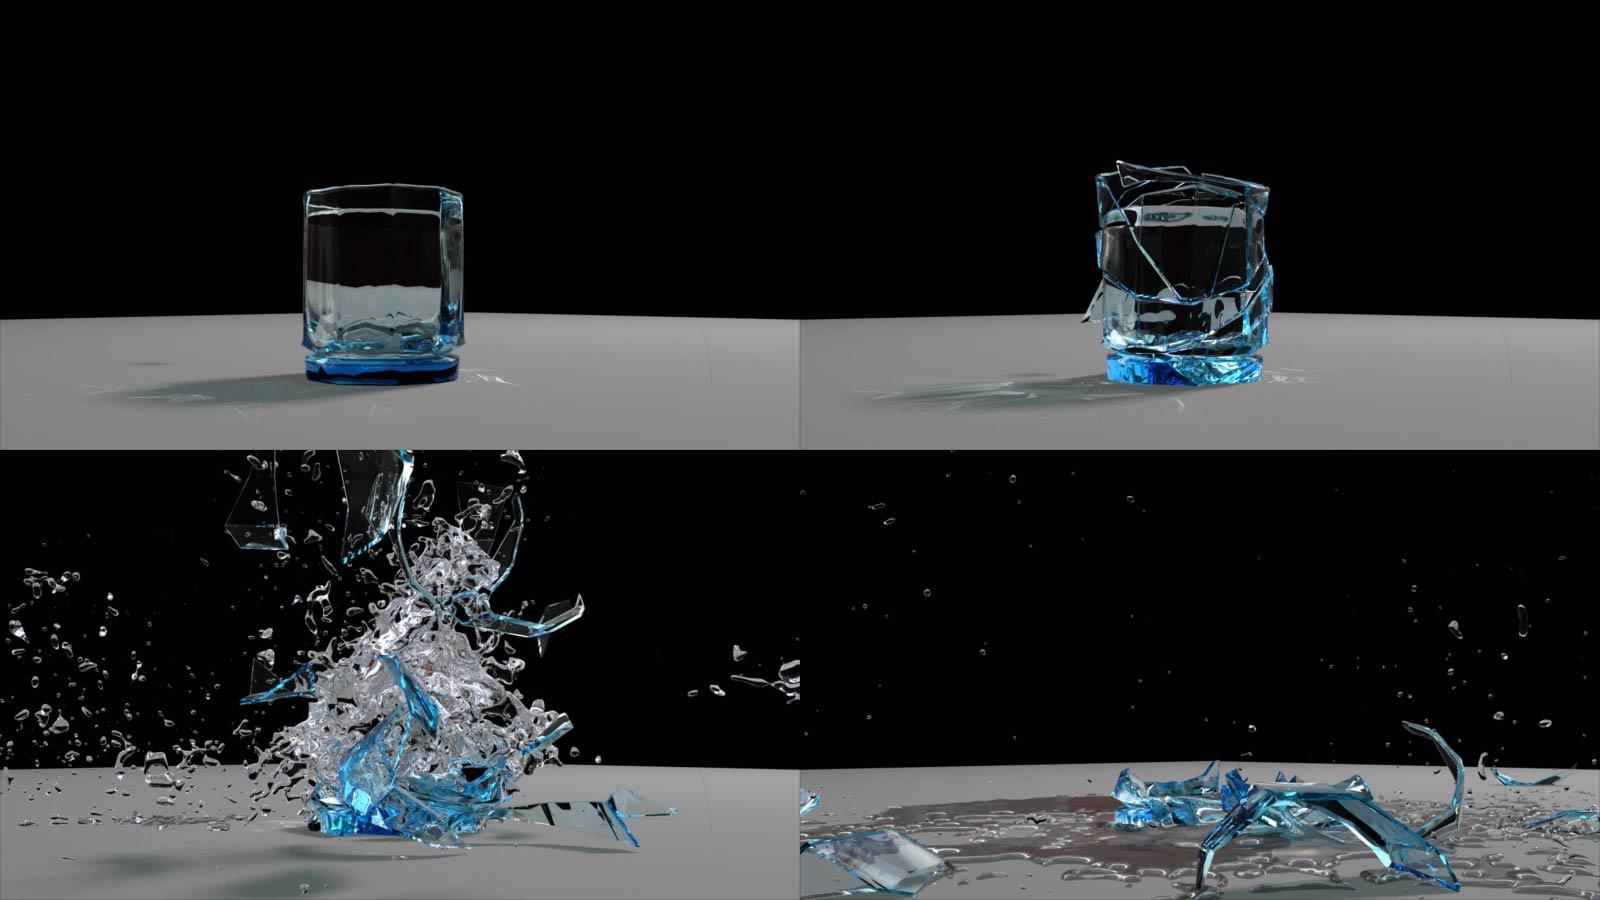 为什么,最近水杯老是碎呢?第一个玻璃水杯是用了一年图片